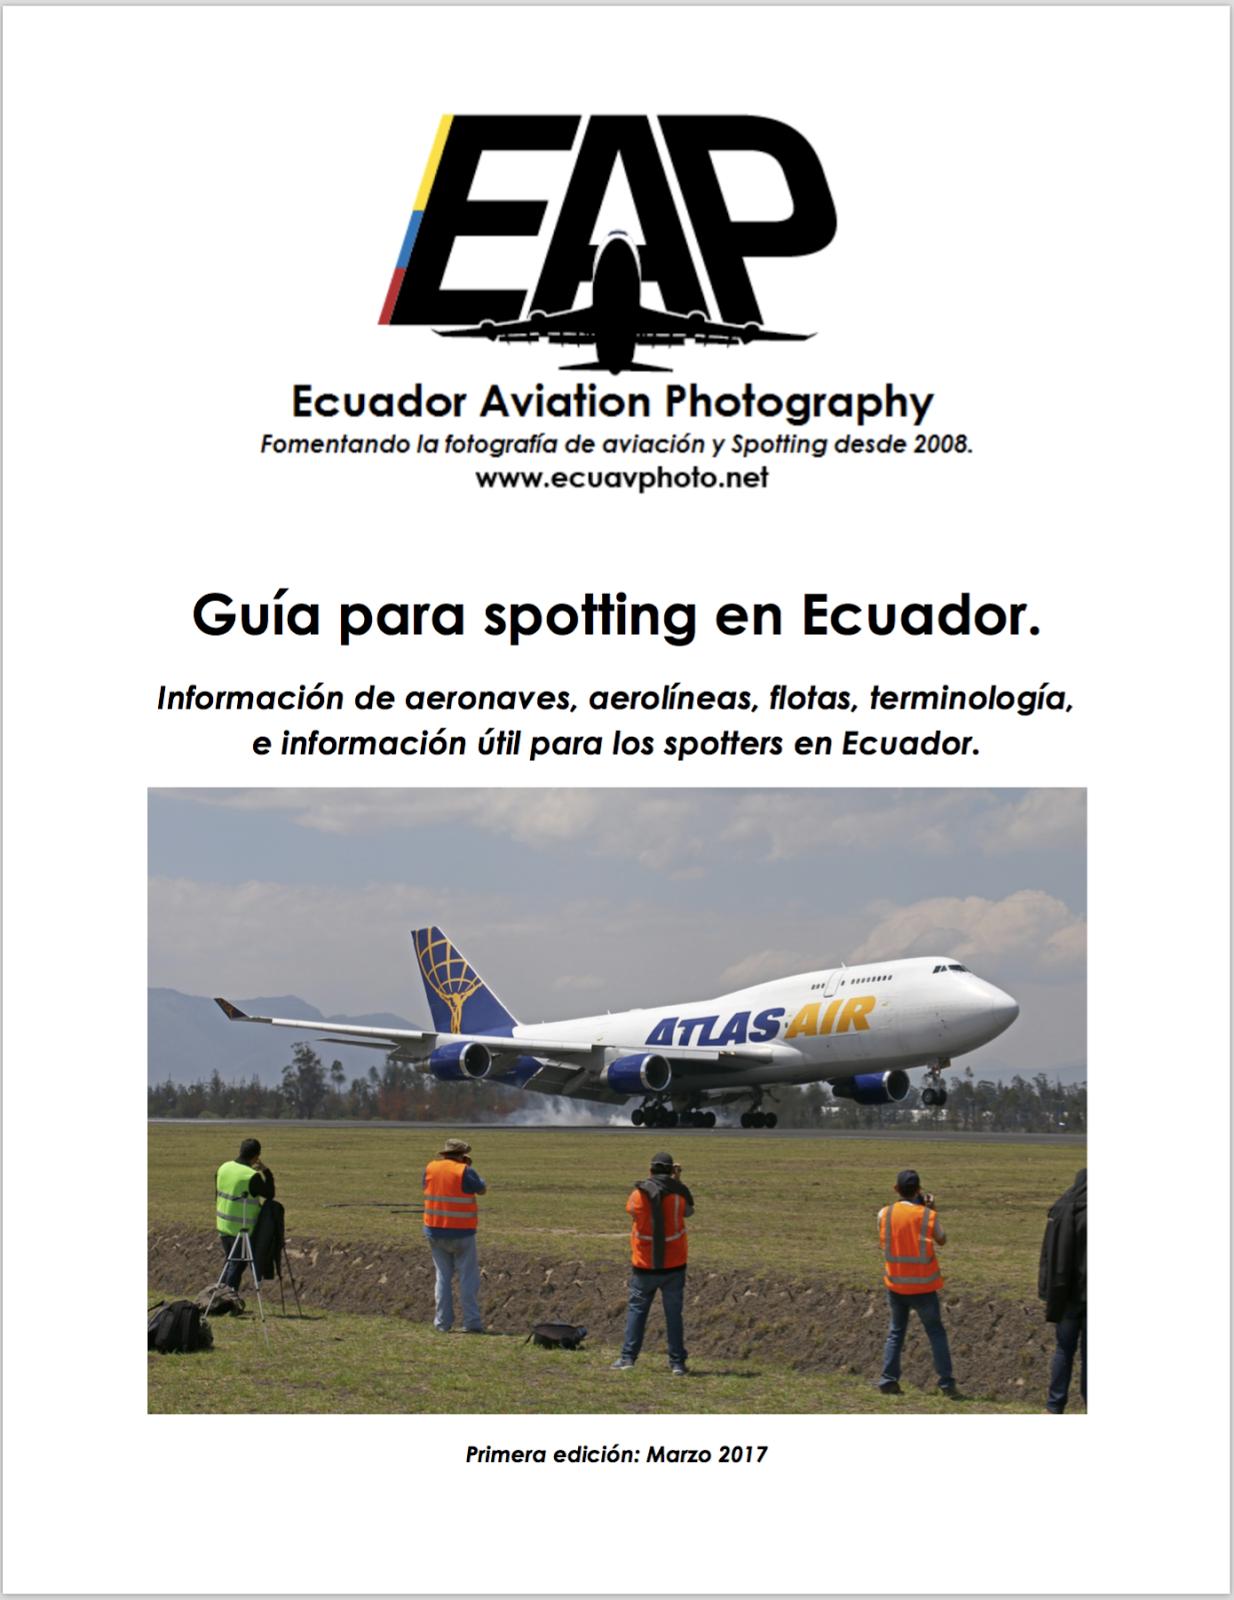 Guía para spotting en Ecuador.